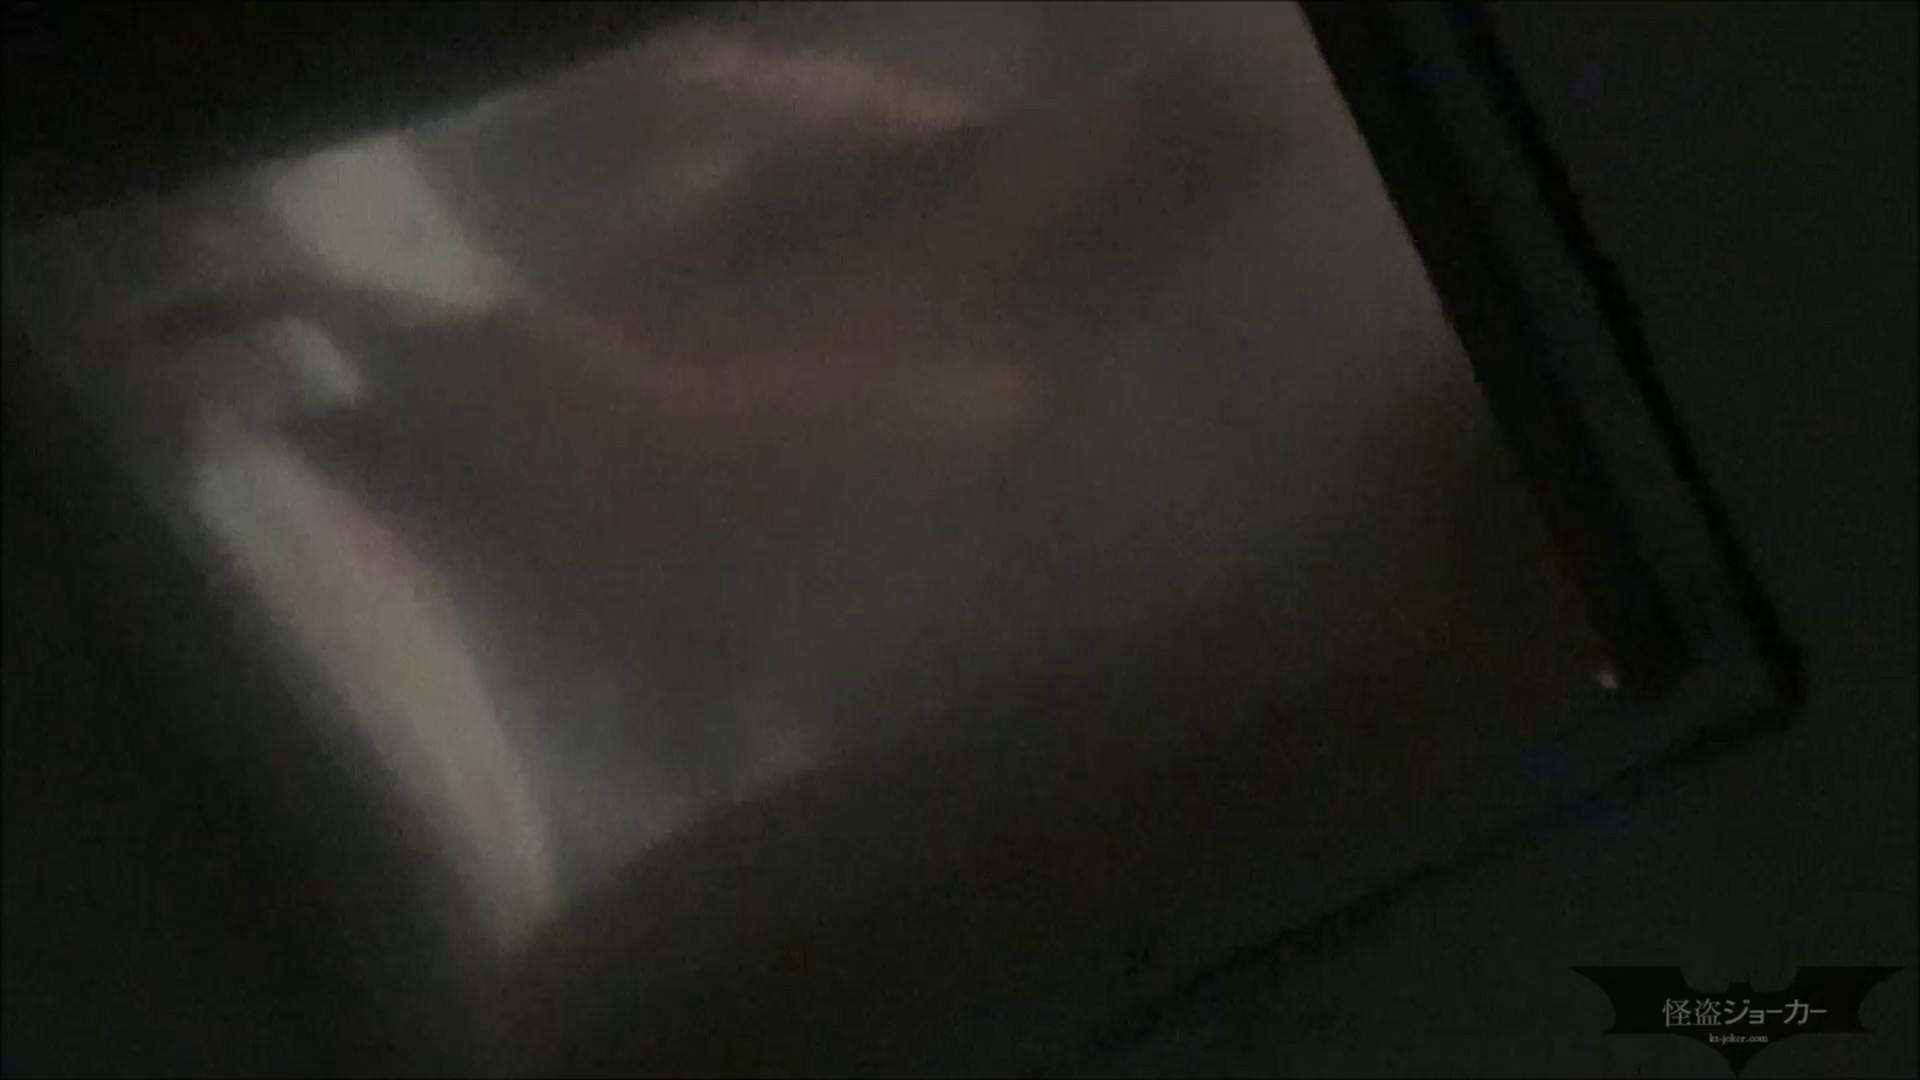 覗き見 Vol.3 覗き見 Vol.3♀ 向かいのお女市さん。 OL女体 | 覗き  87連発 37